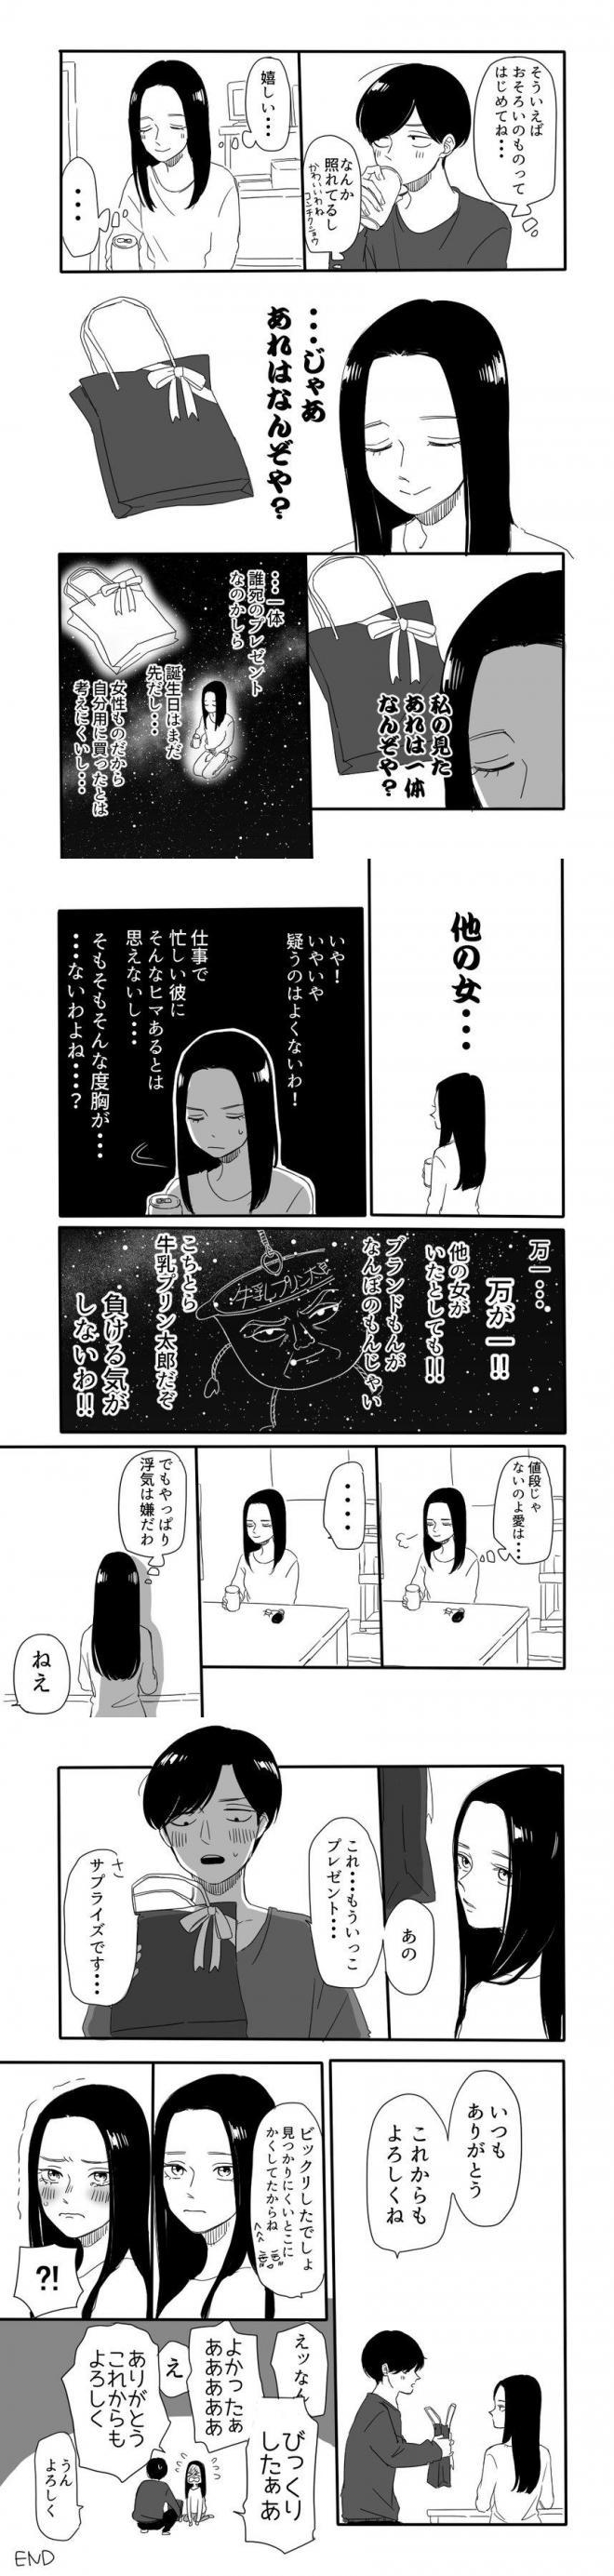 同棲カップルと記念日(2)